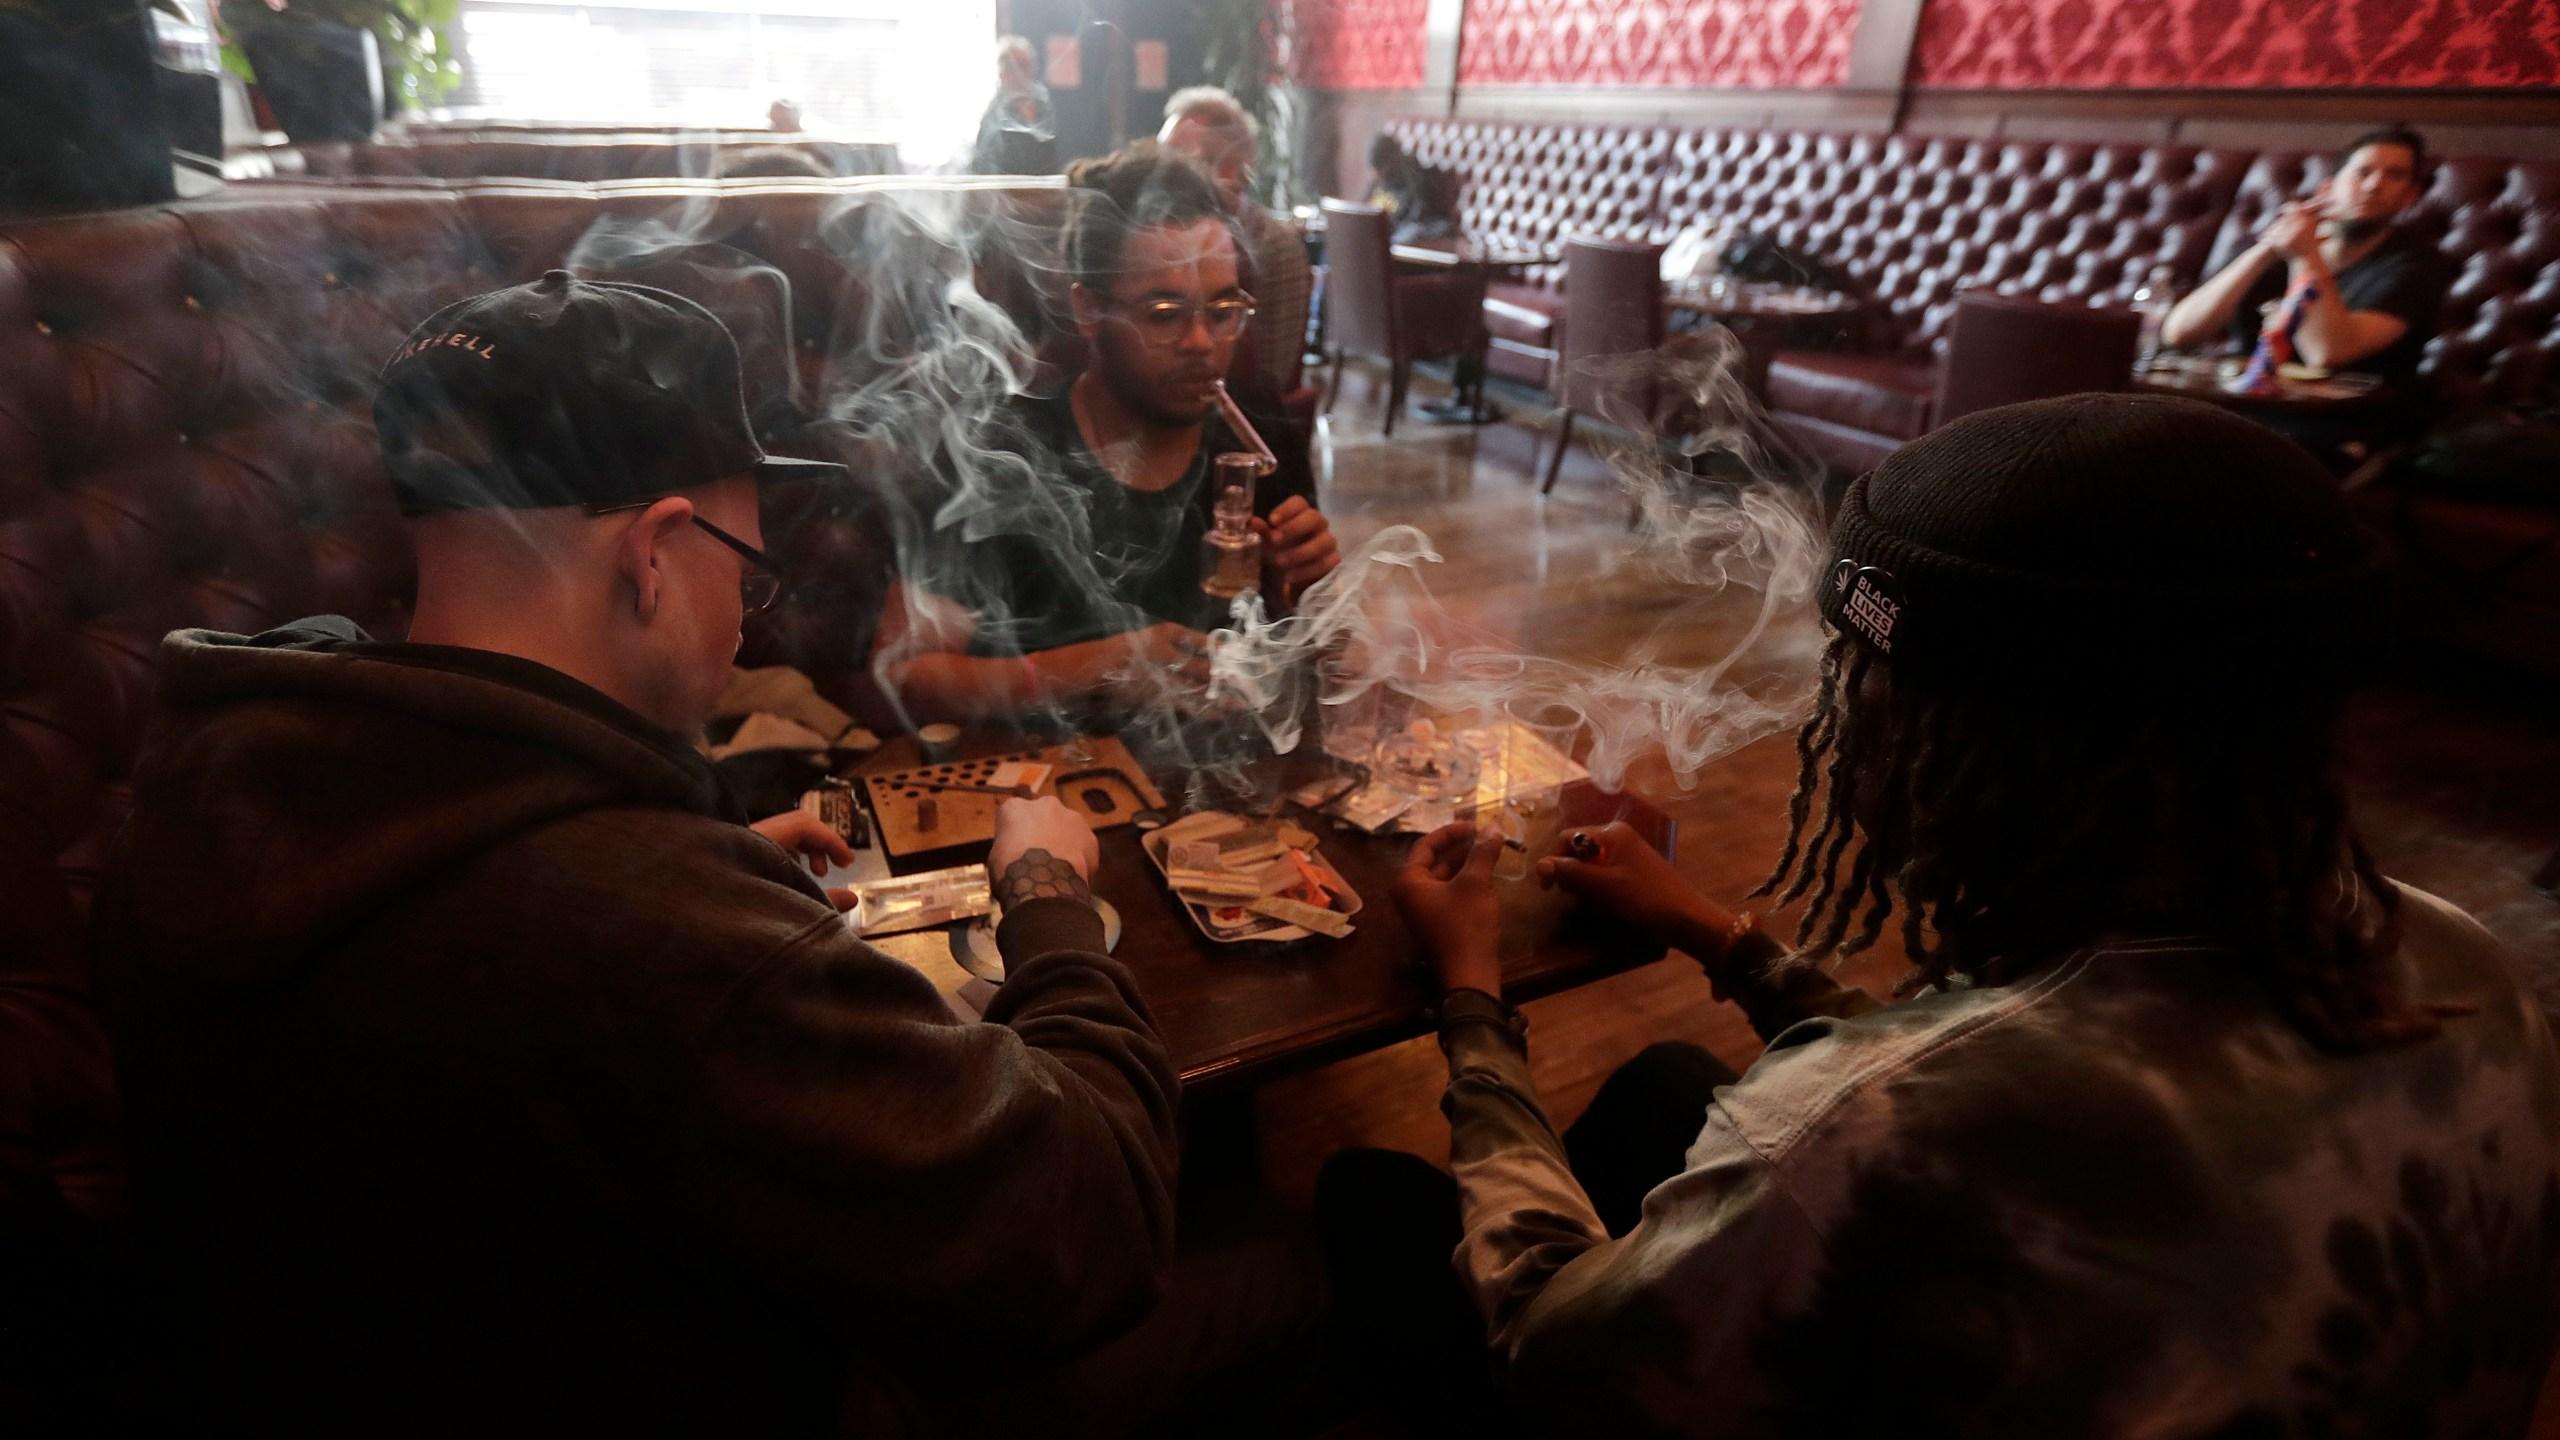 Marijuana_Smoking_Lounges_79274-159532.jpg54310359